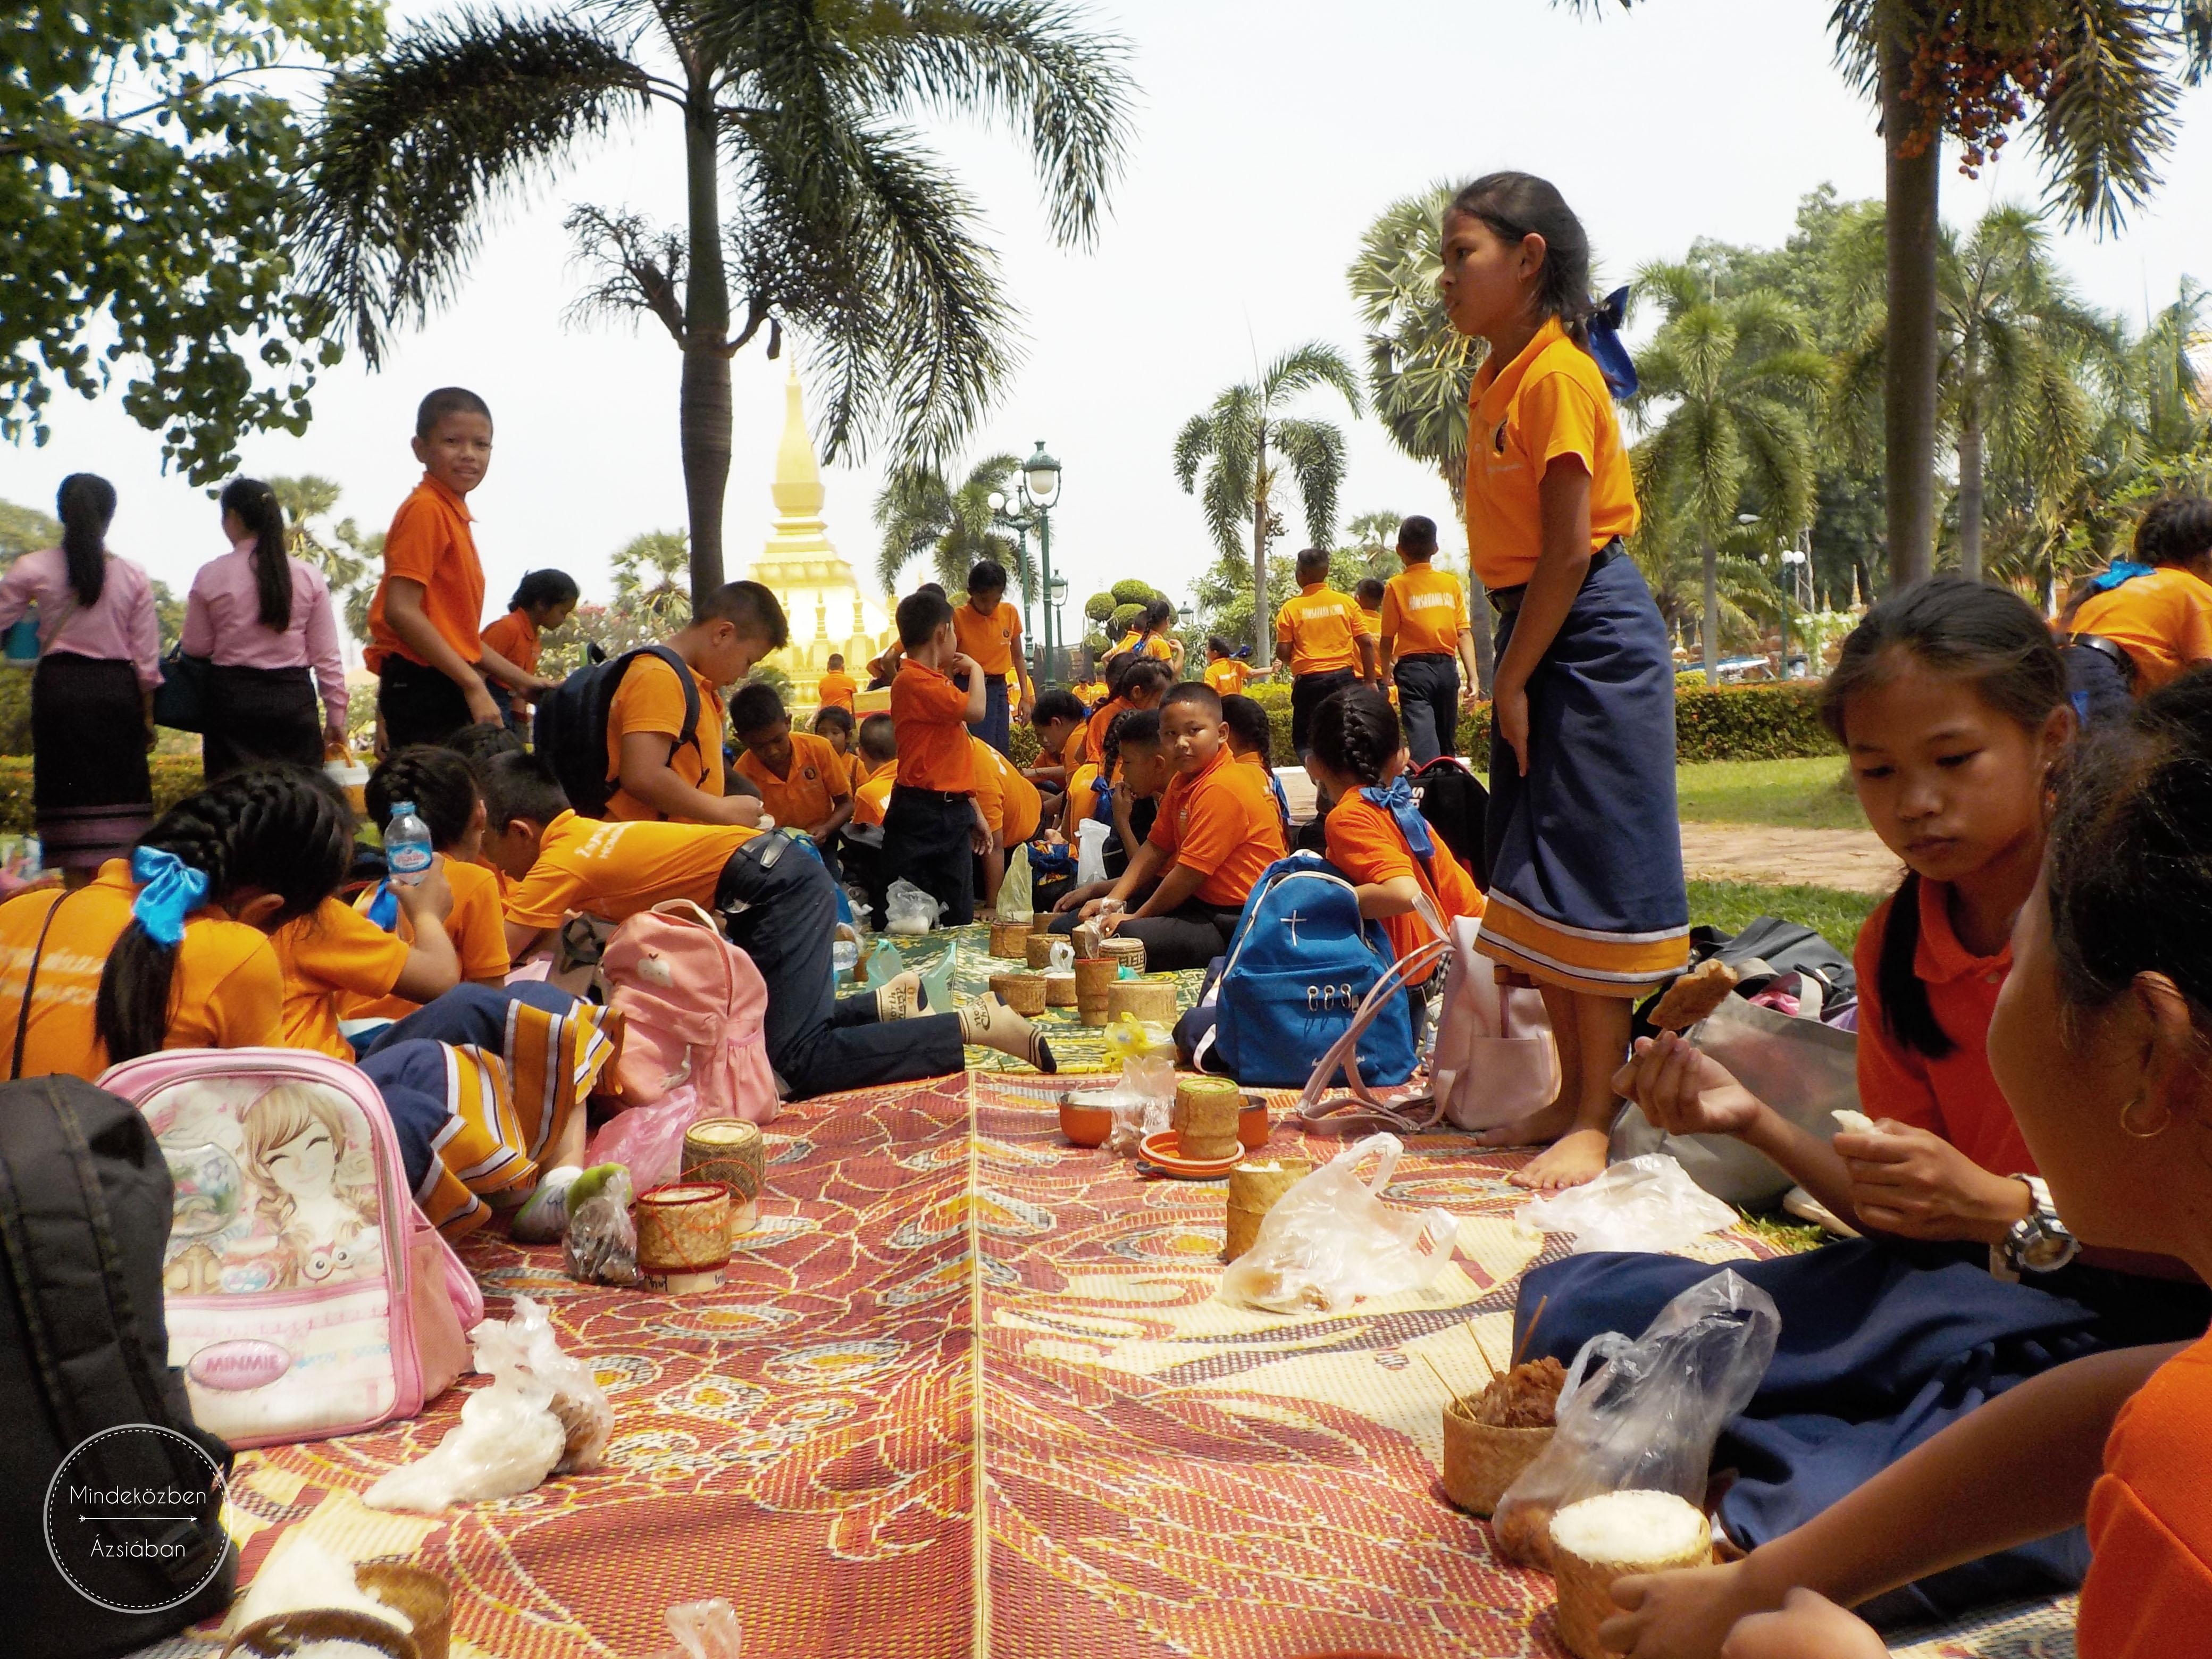 Ebédszünet az iskolásoknak. Laoszban nagyon cukin mindenkinek van saját rizses dobozkája. Most már végre nekünk is!